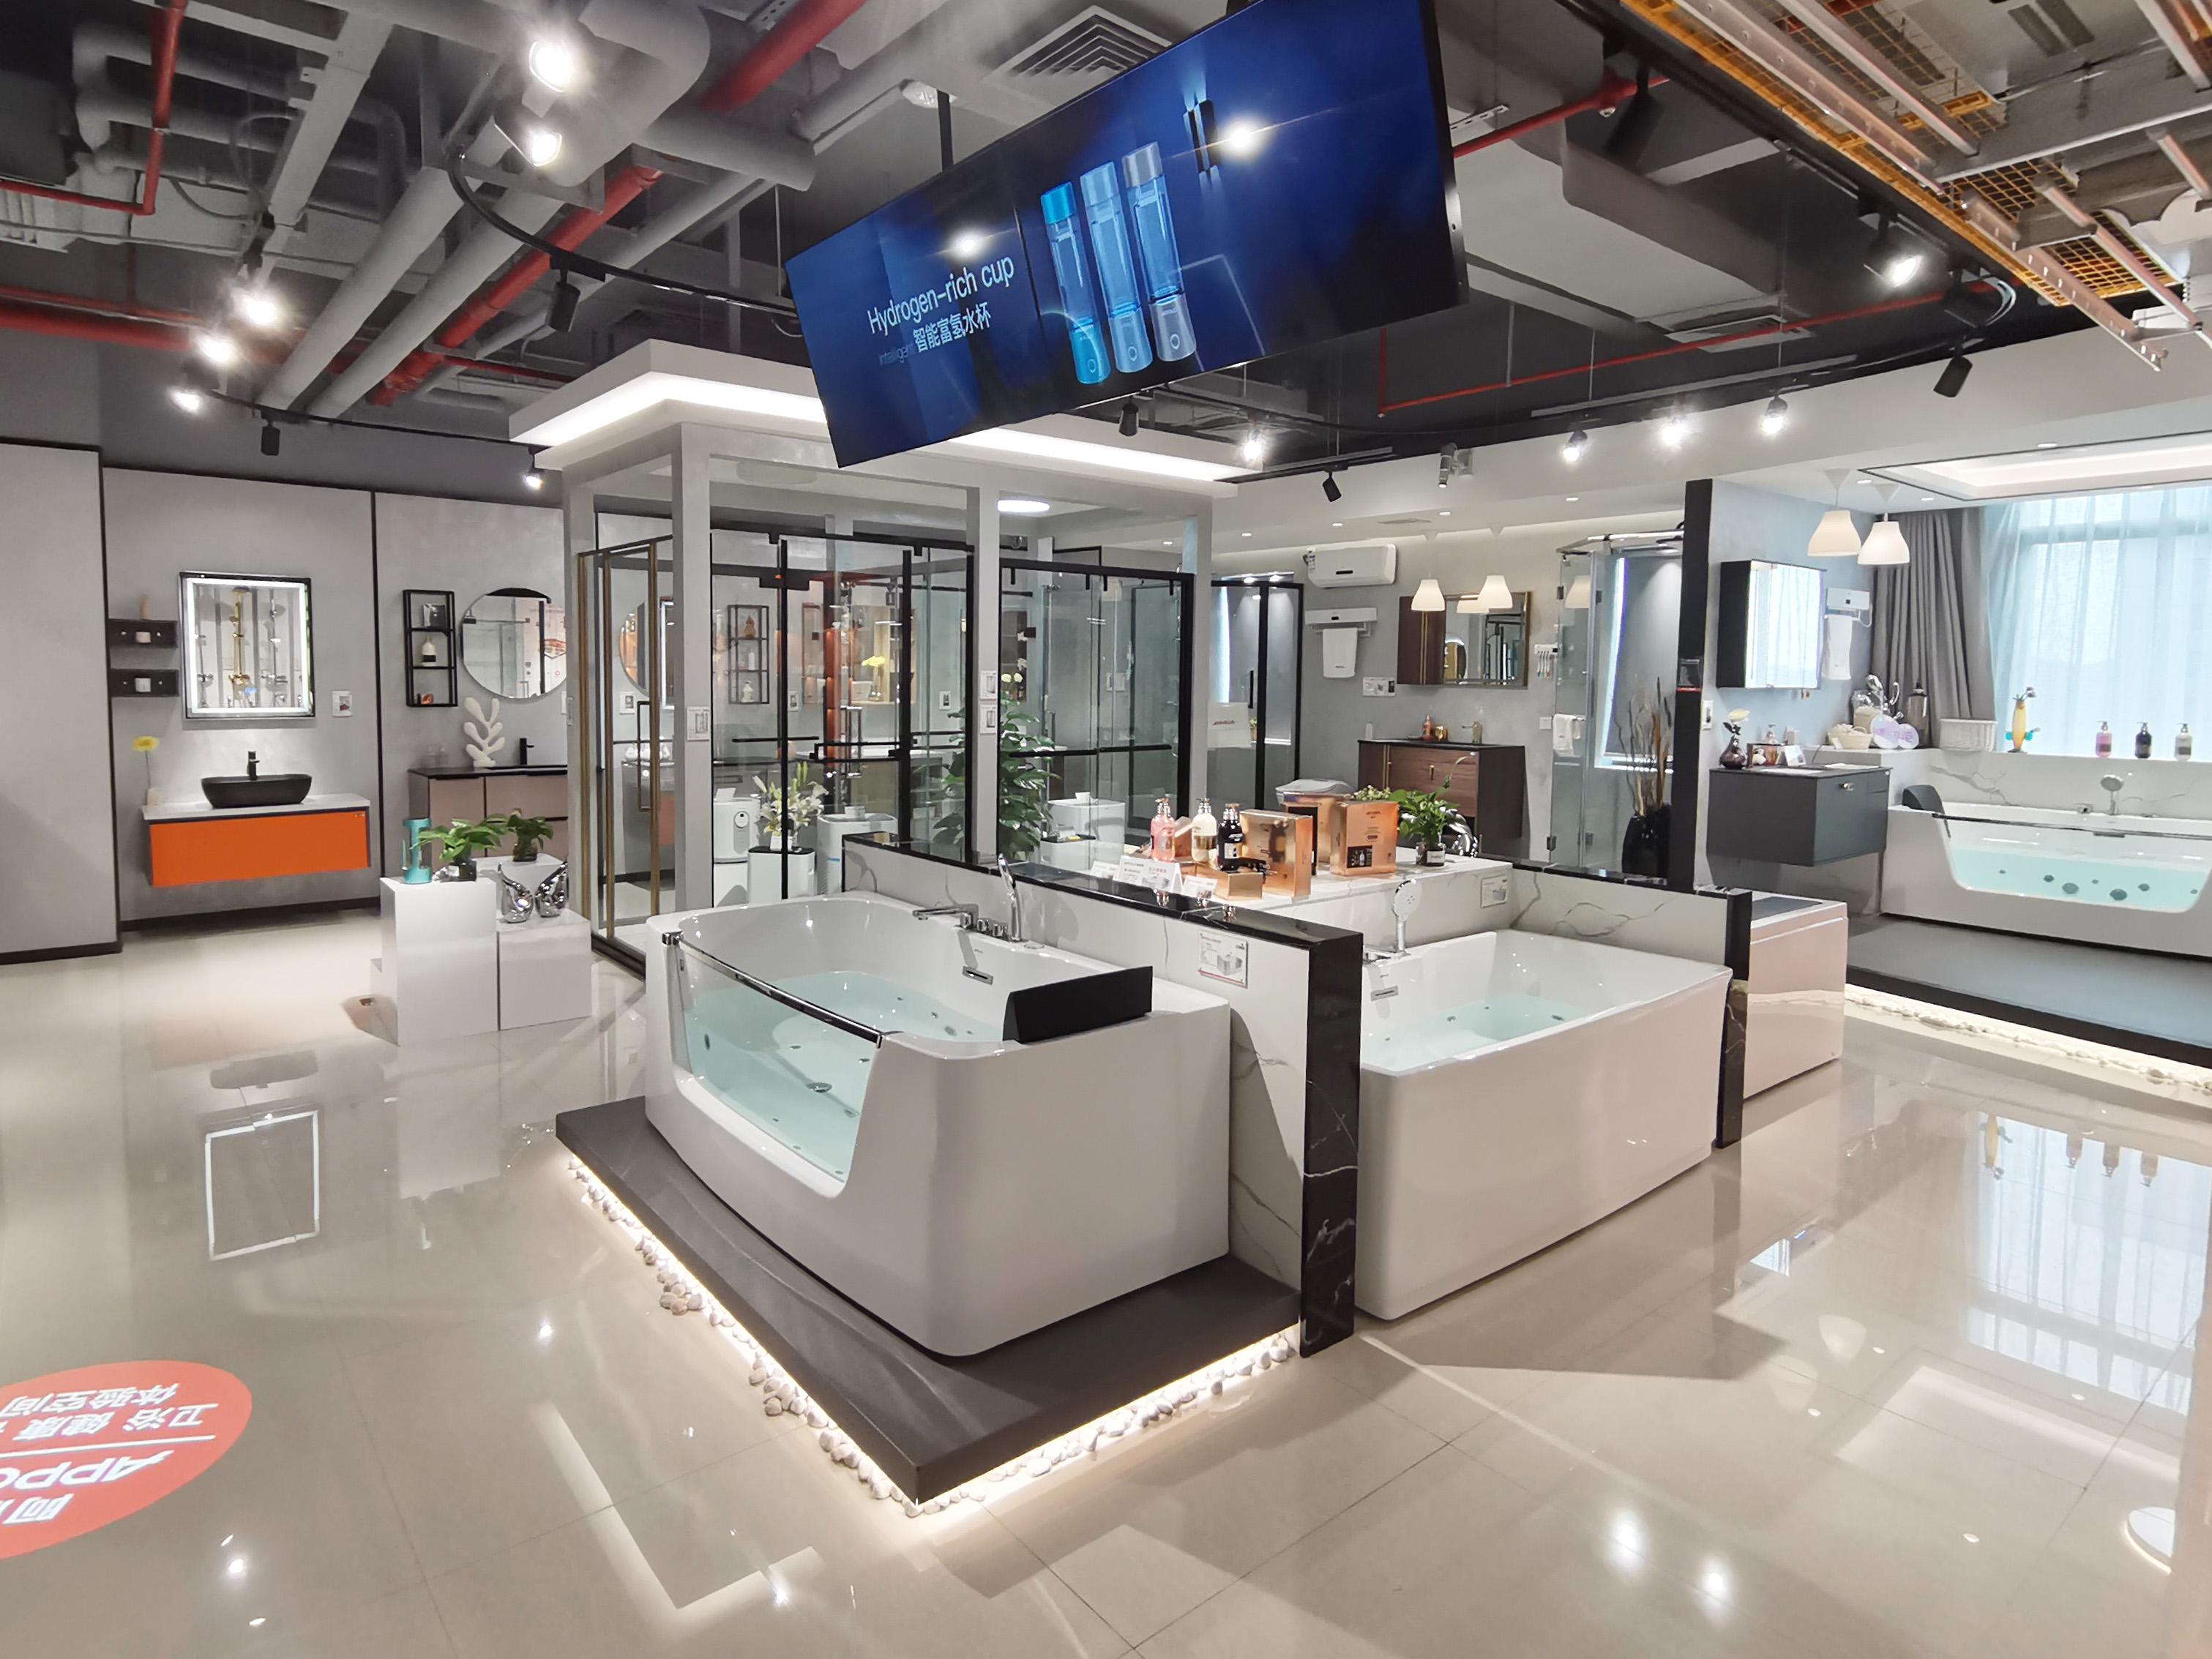 APPOLLO阿波罗直营展厅全面开放,欢迎新老客户莅临品鉴!